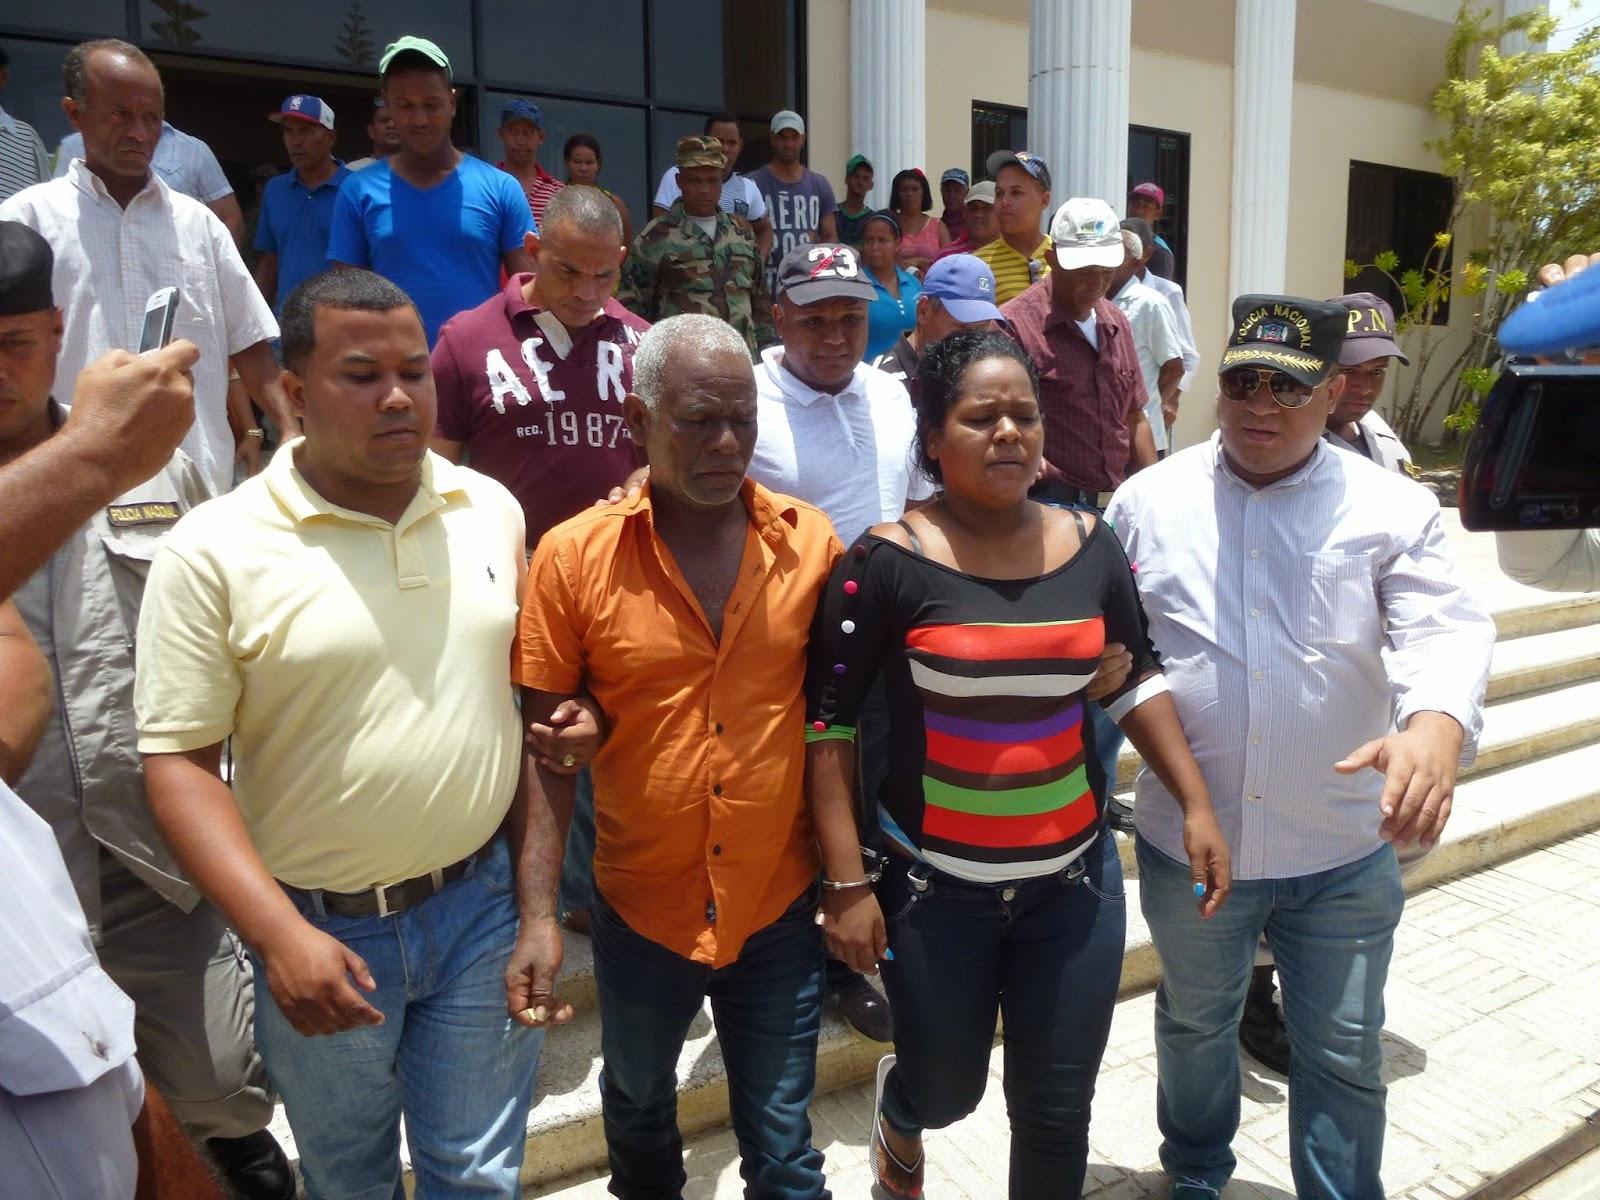 SEIS MESES PRISION PREVENTIVA ACUSADOS PARTICIPAR EN ASESINATO A QUINTINO REYNOSO (NICOLAS)